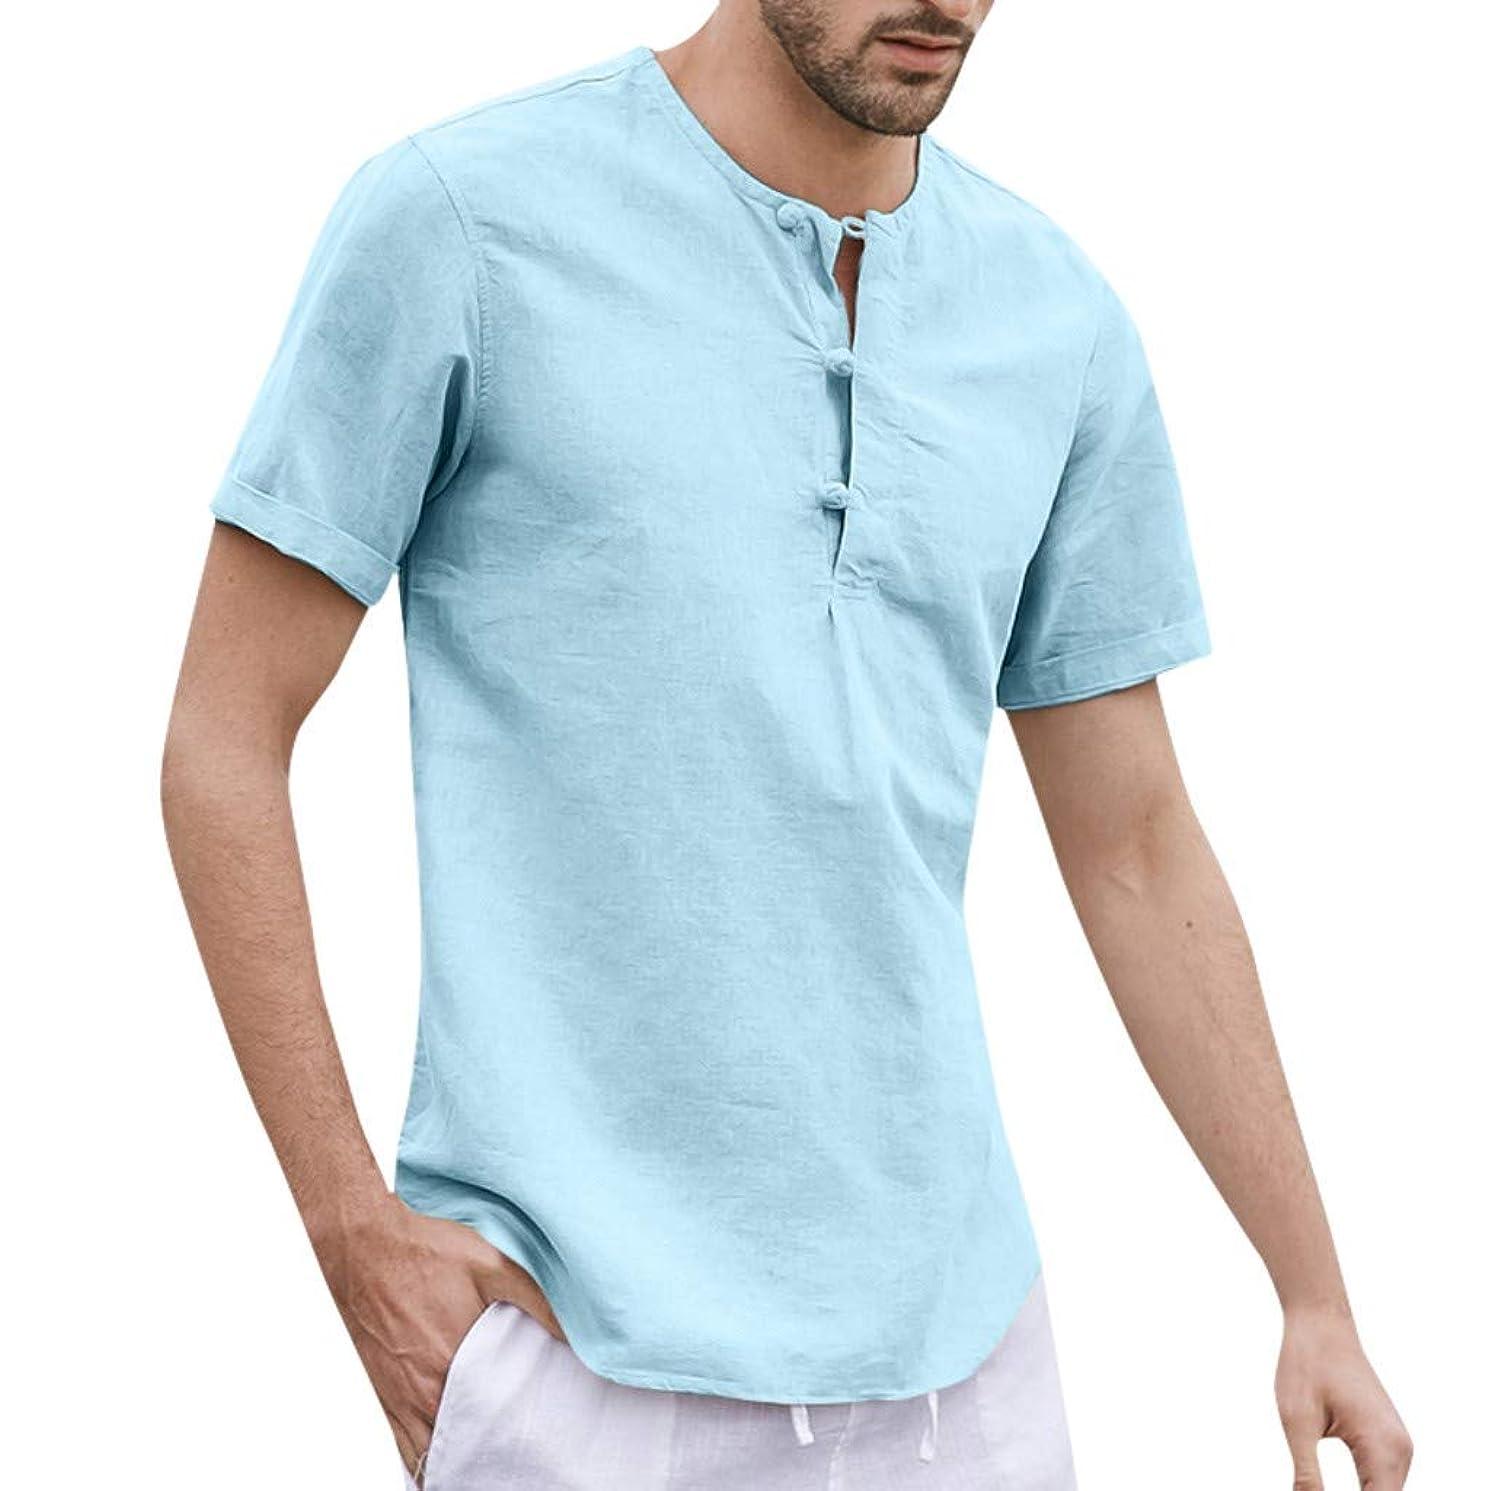 JJLIKER Mens Linen Henley Shirt Casual Short Sleeve T Shirt Pullovers Tees Retro Frog Button Cotton Shirts Beach Tops